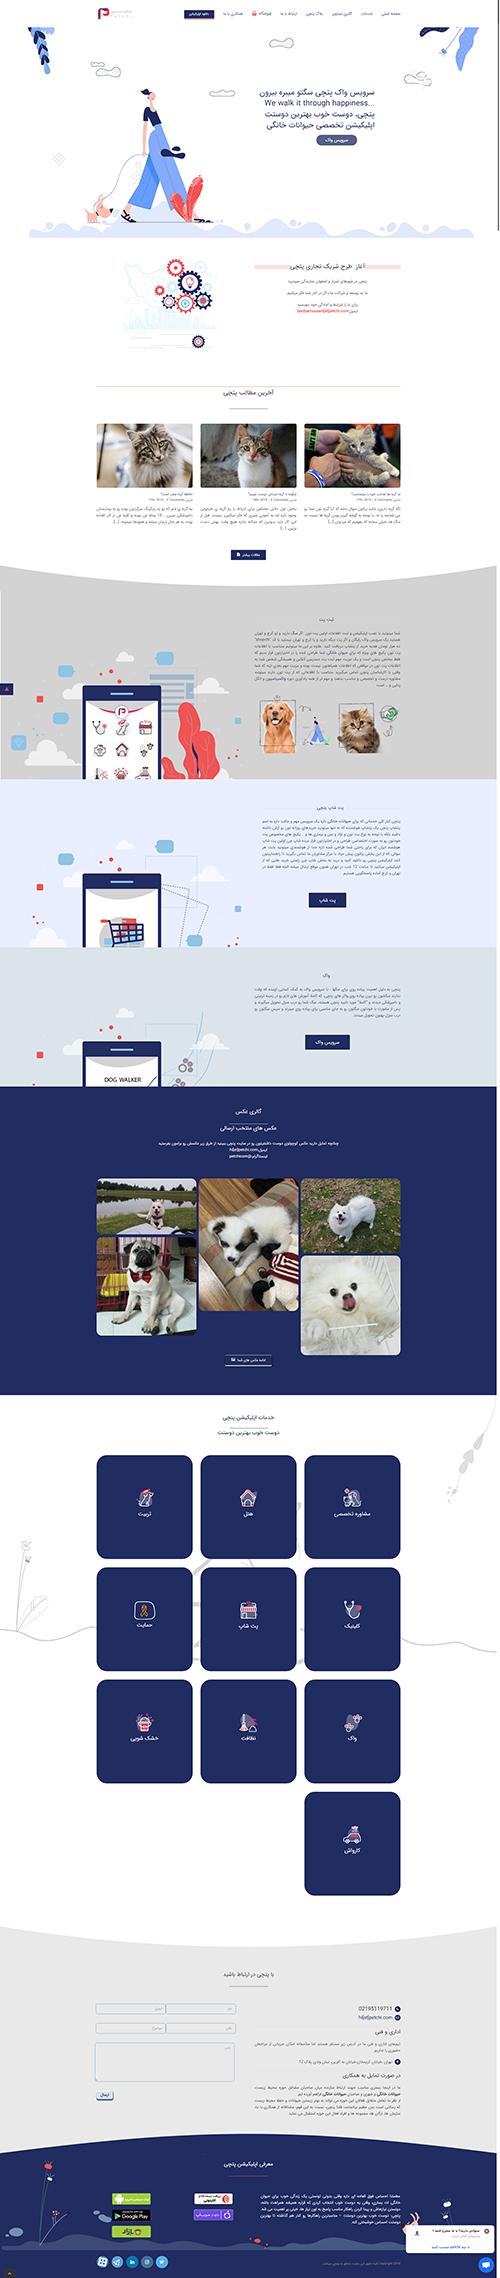 طراحی سایت خدمات مرتبط با حیوانات خانگی